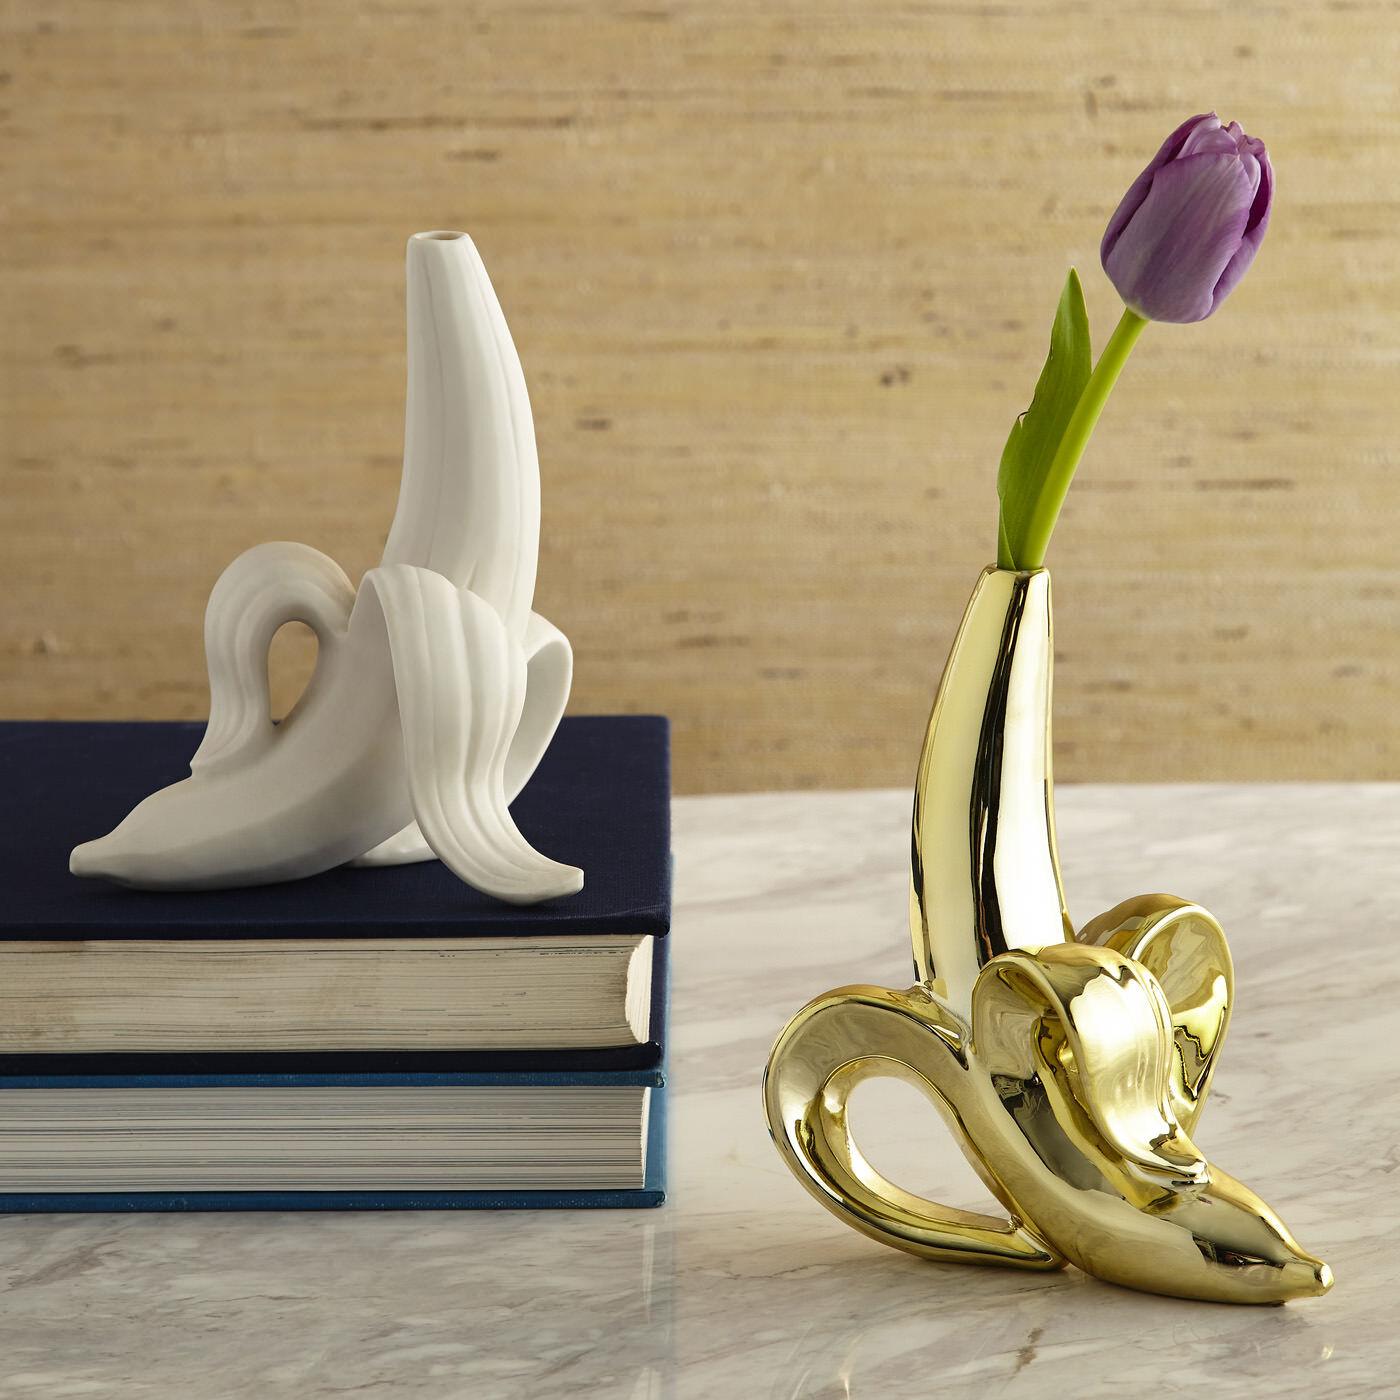 vases banana bud vase